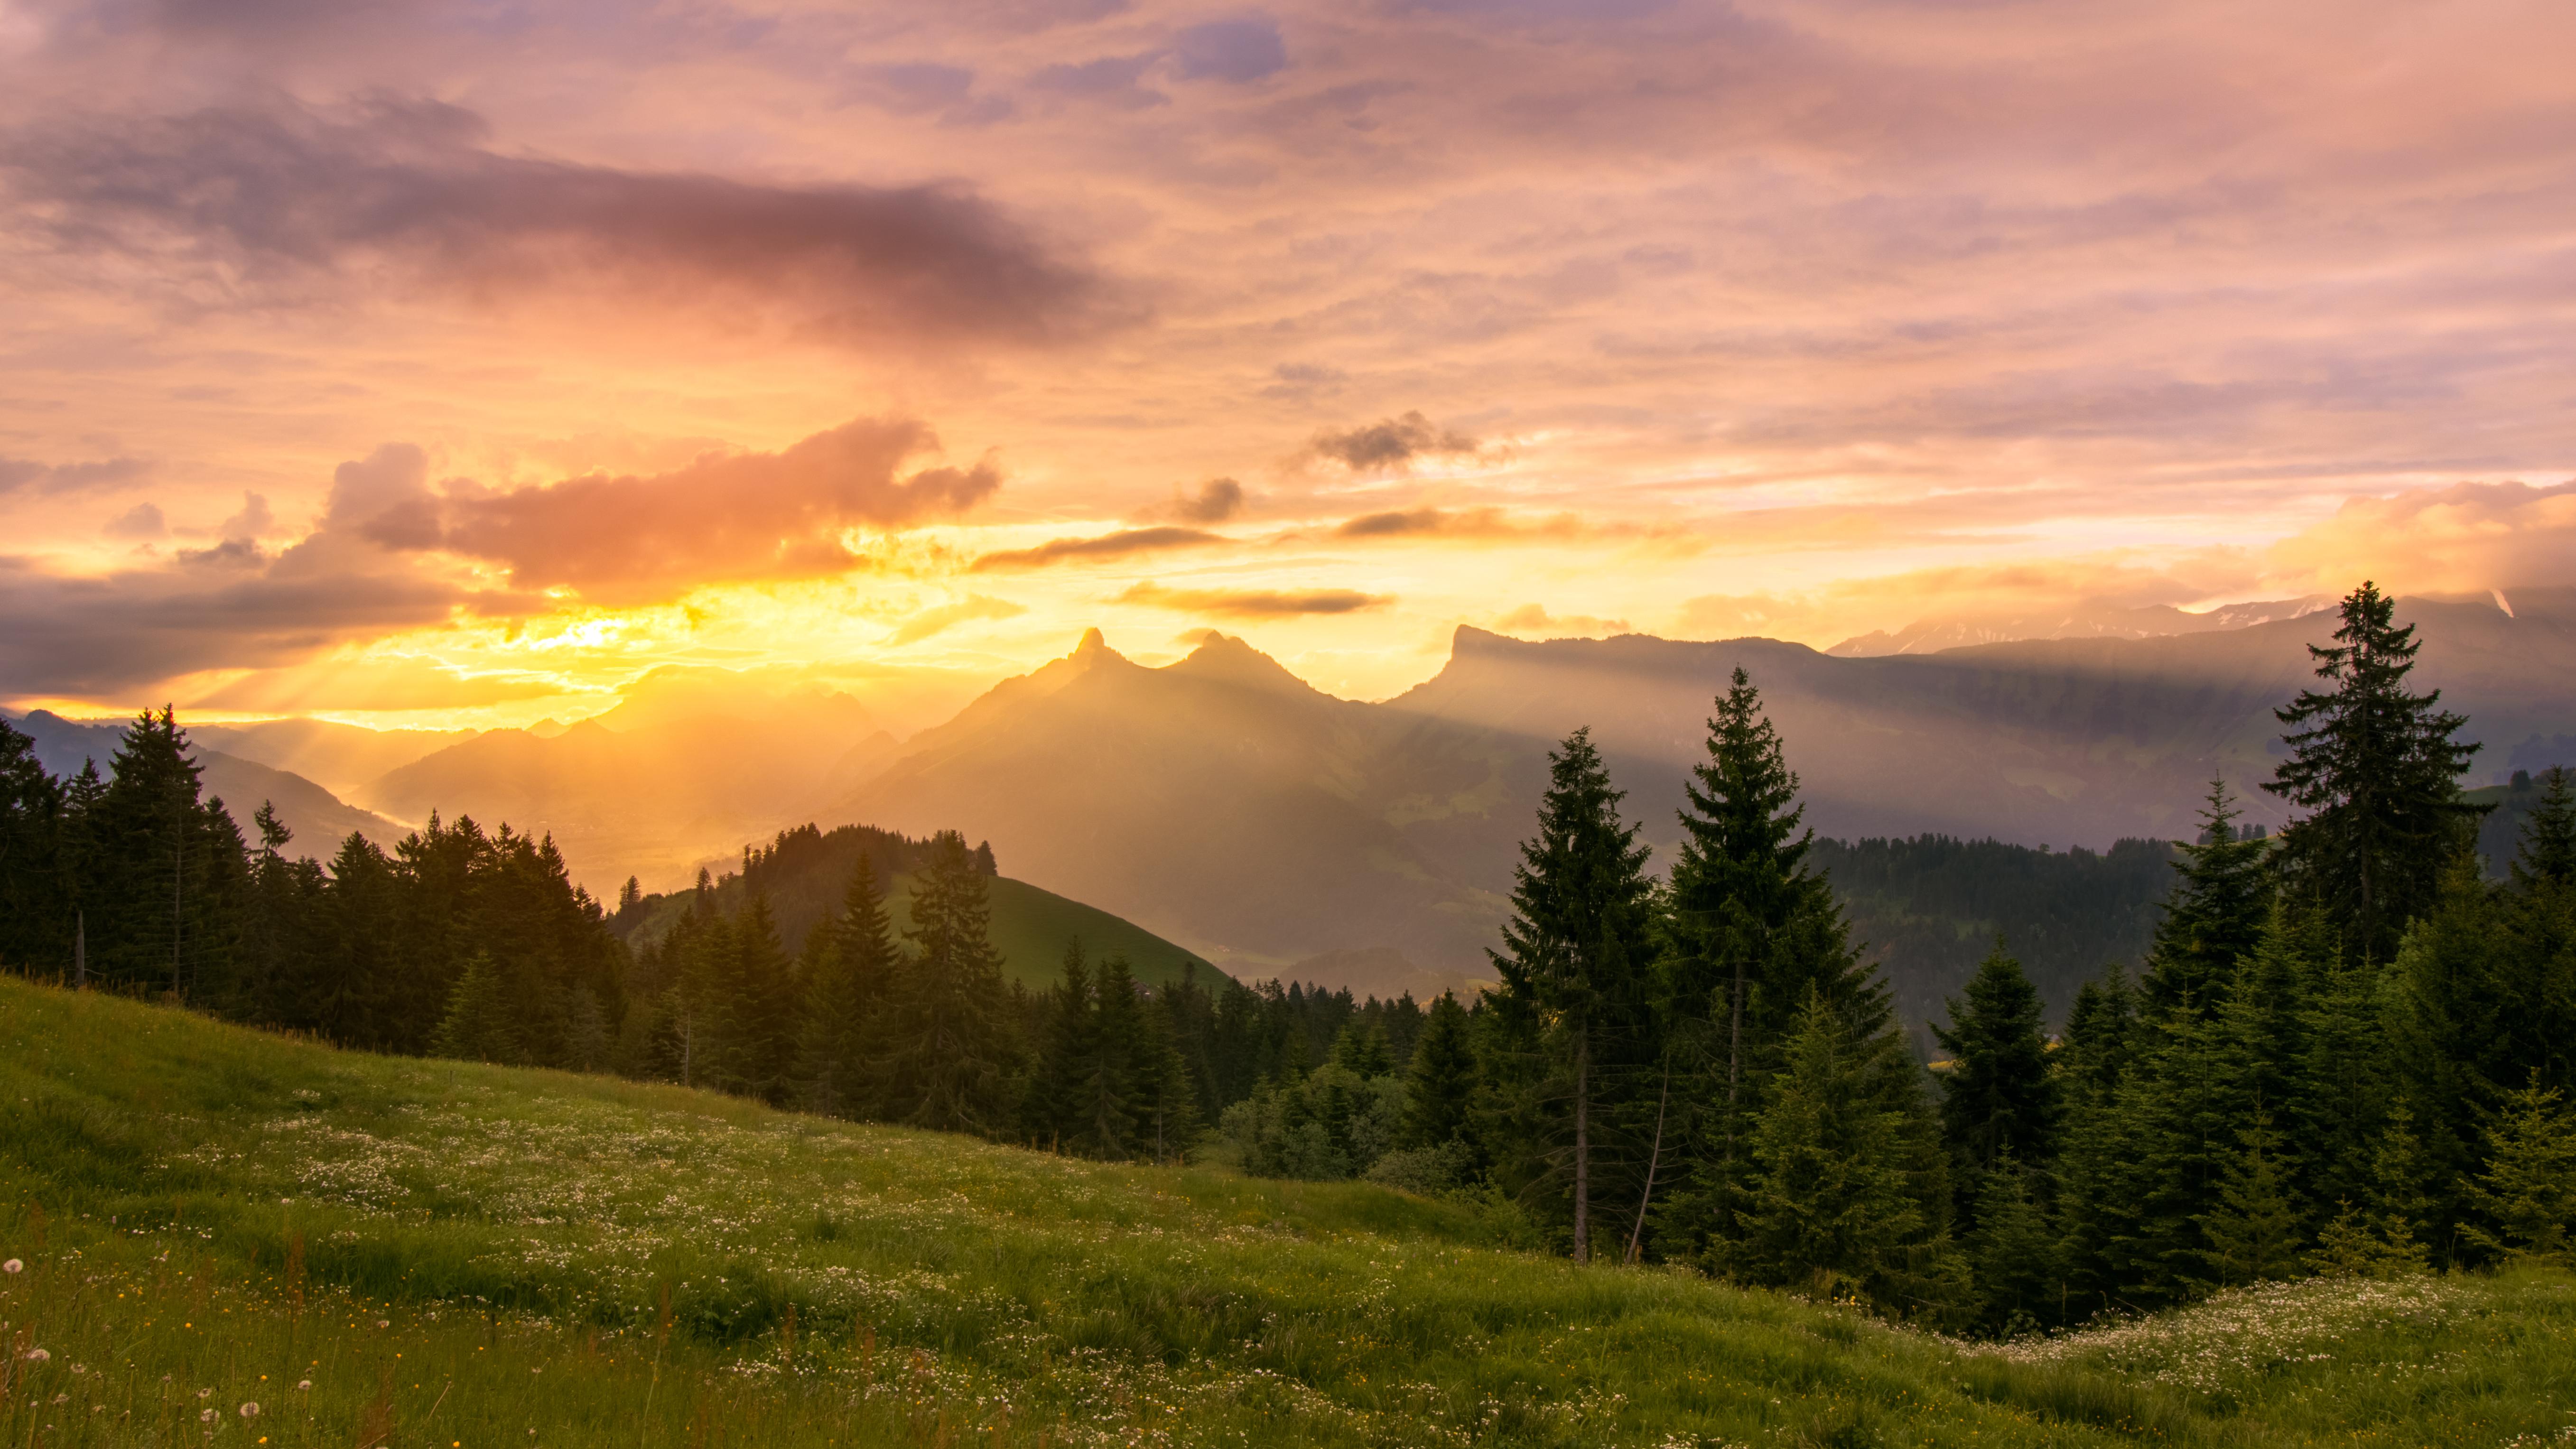 56206 скачать обои Природа, Закат, Лужайка, Деревья, Горы, Пейзаж - заставки и картинки бесплатно